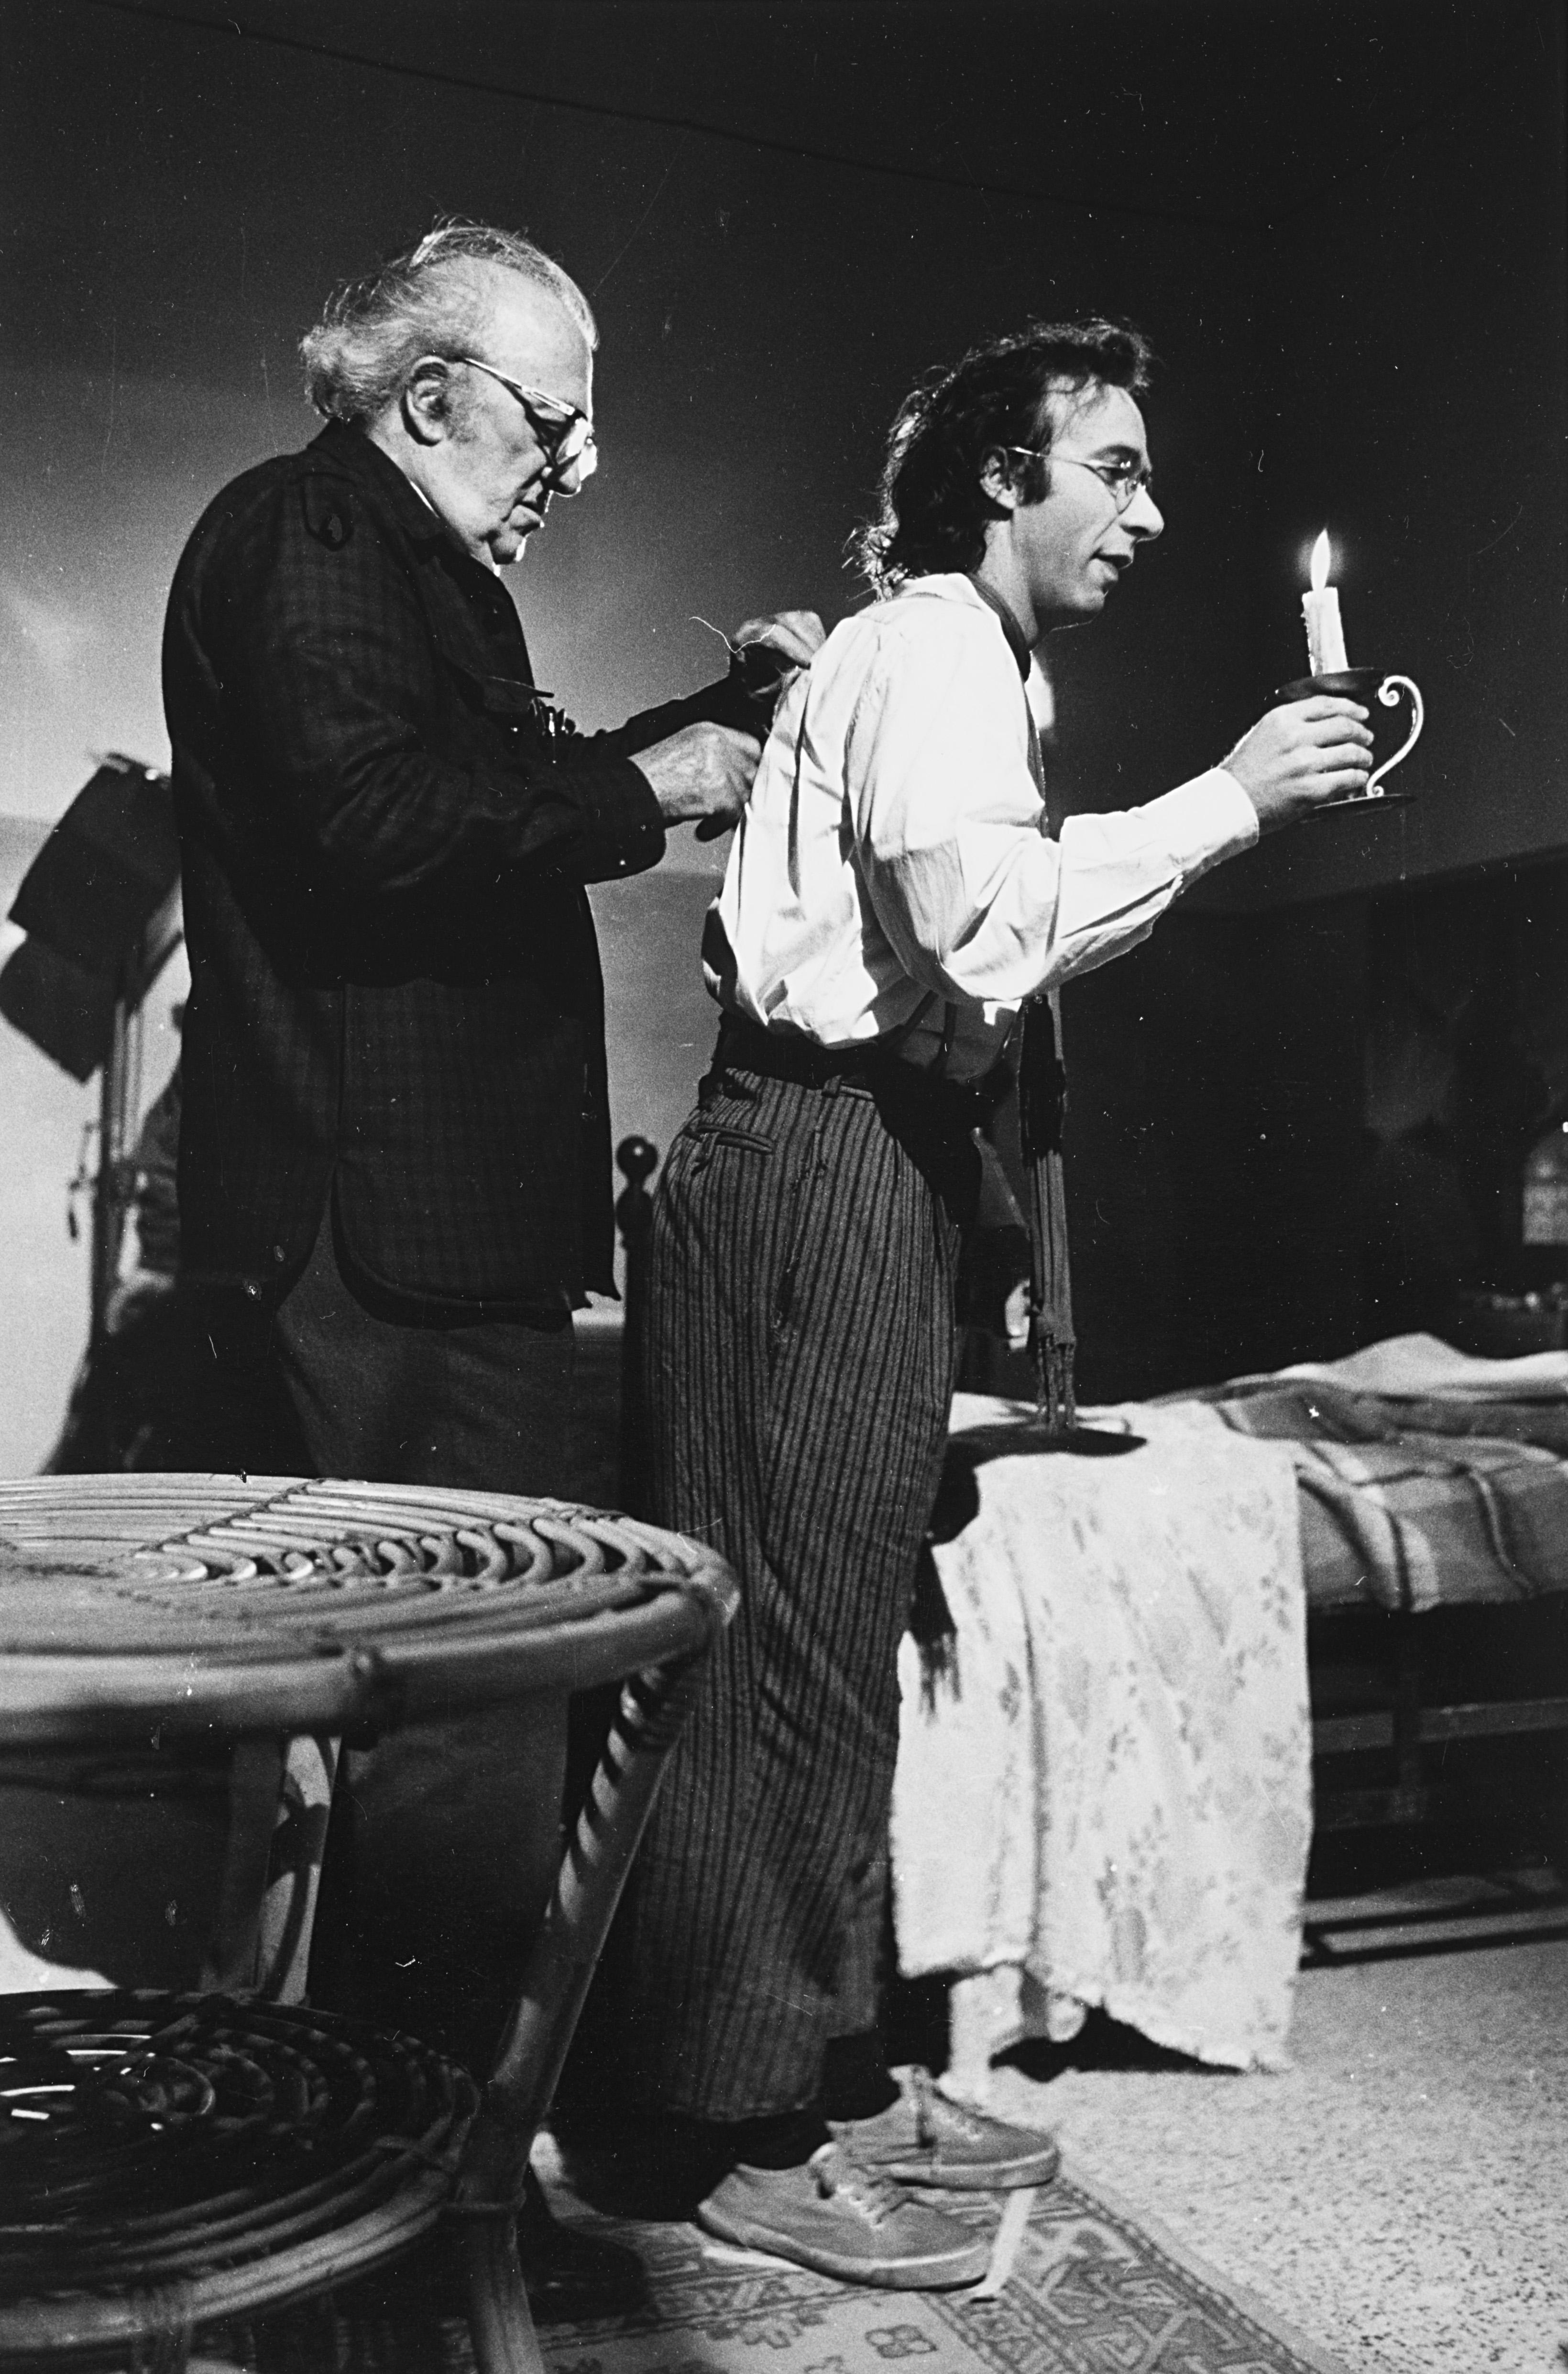 1989. Федерико Феллини и Роберто Бениньи на съемках фильма «La voce della luna»